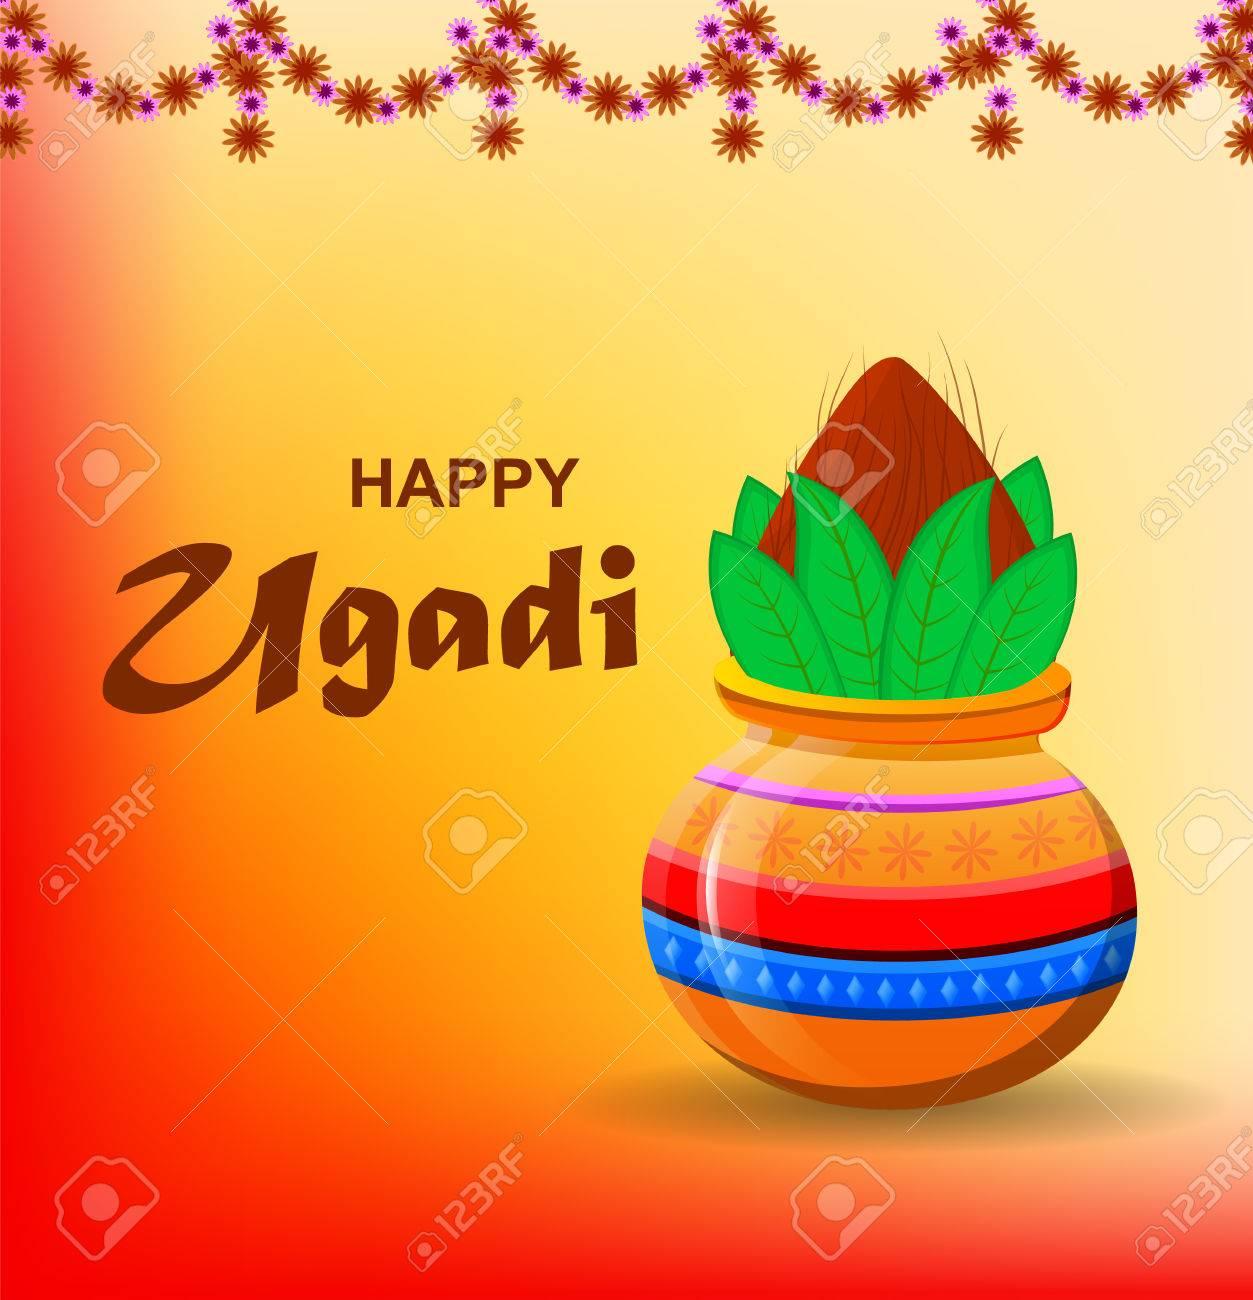 Feliz Año Nuevo Hindú Ugadi Y Gudi Padwa Tarjeta De Felicitación Para Vacaciones Pote Coloreado Con El Coco En Fondo Soleado Anaranjado Hermoso Con